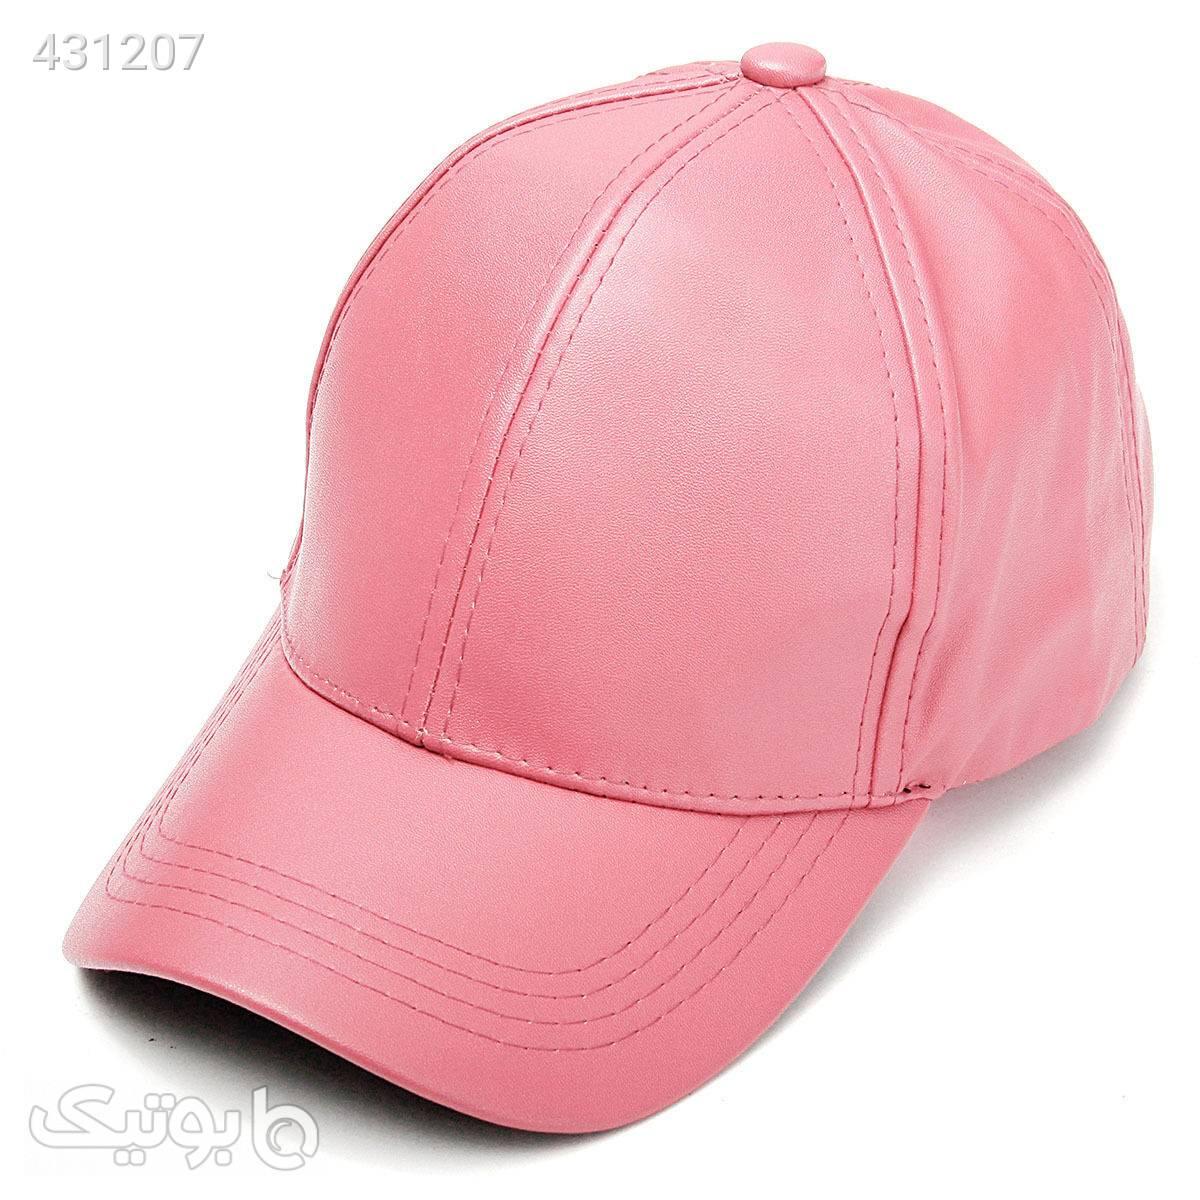 کلاه کپ چرم صورتی صورتی کلاه بافت و شال گردن و دستکش